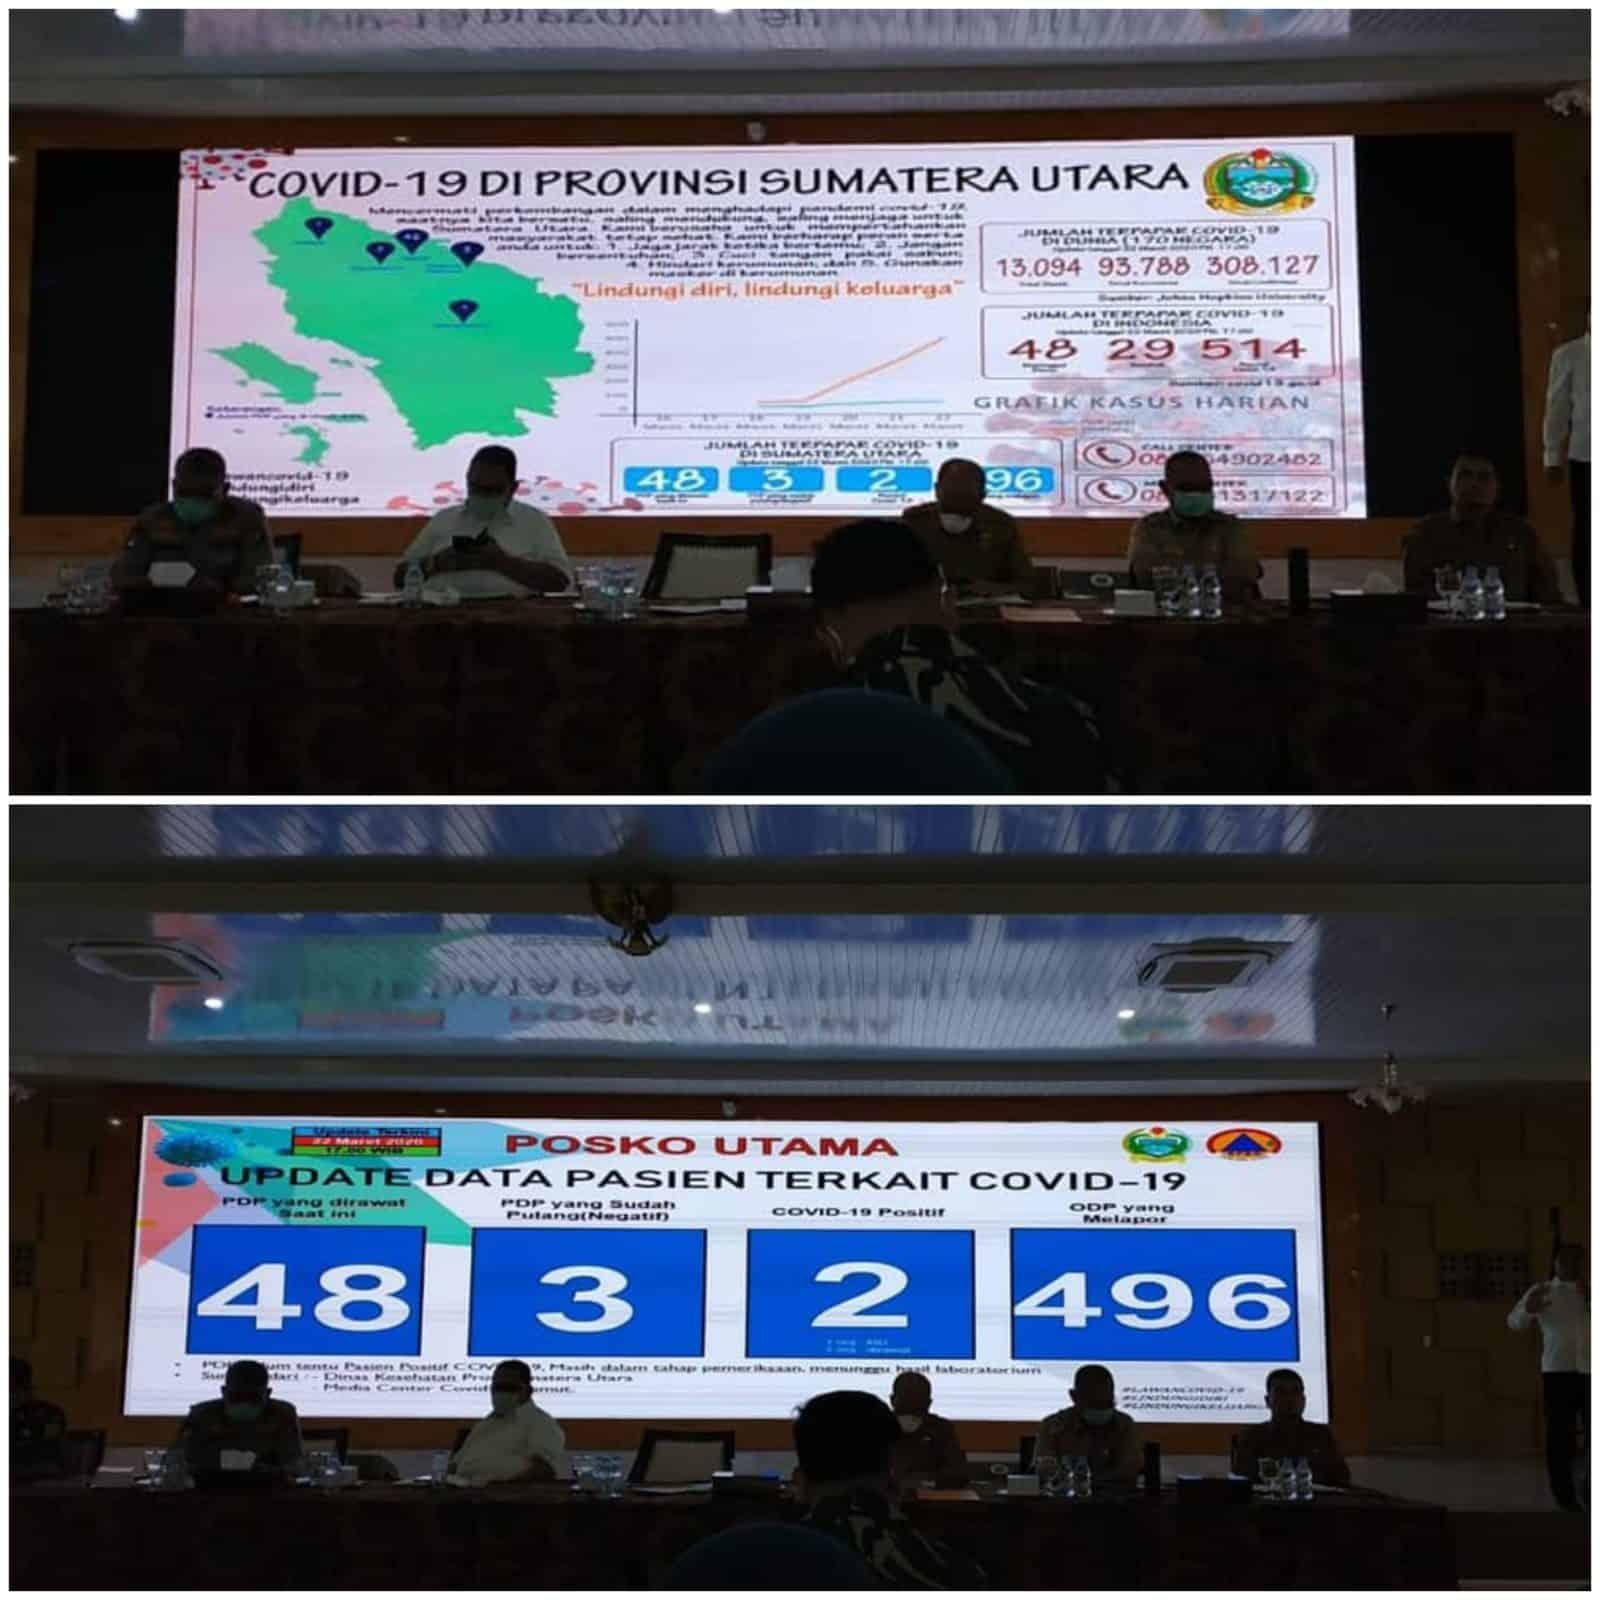 Danlanud Soewondo Dan Karumkit Mengikuti Rapat Koordinasi Penanganan Penyebaran Covid-19 Di Sumatera Utara